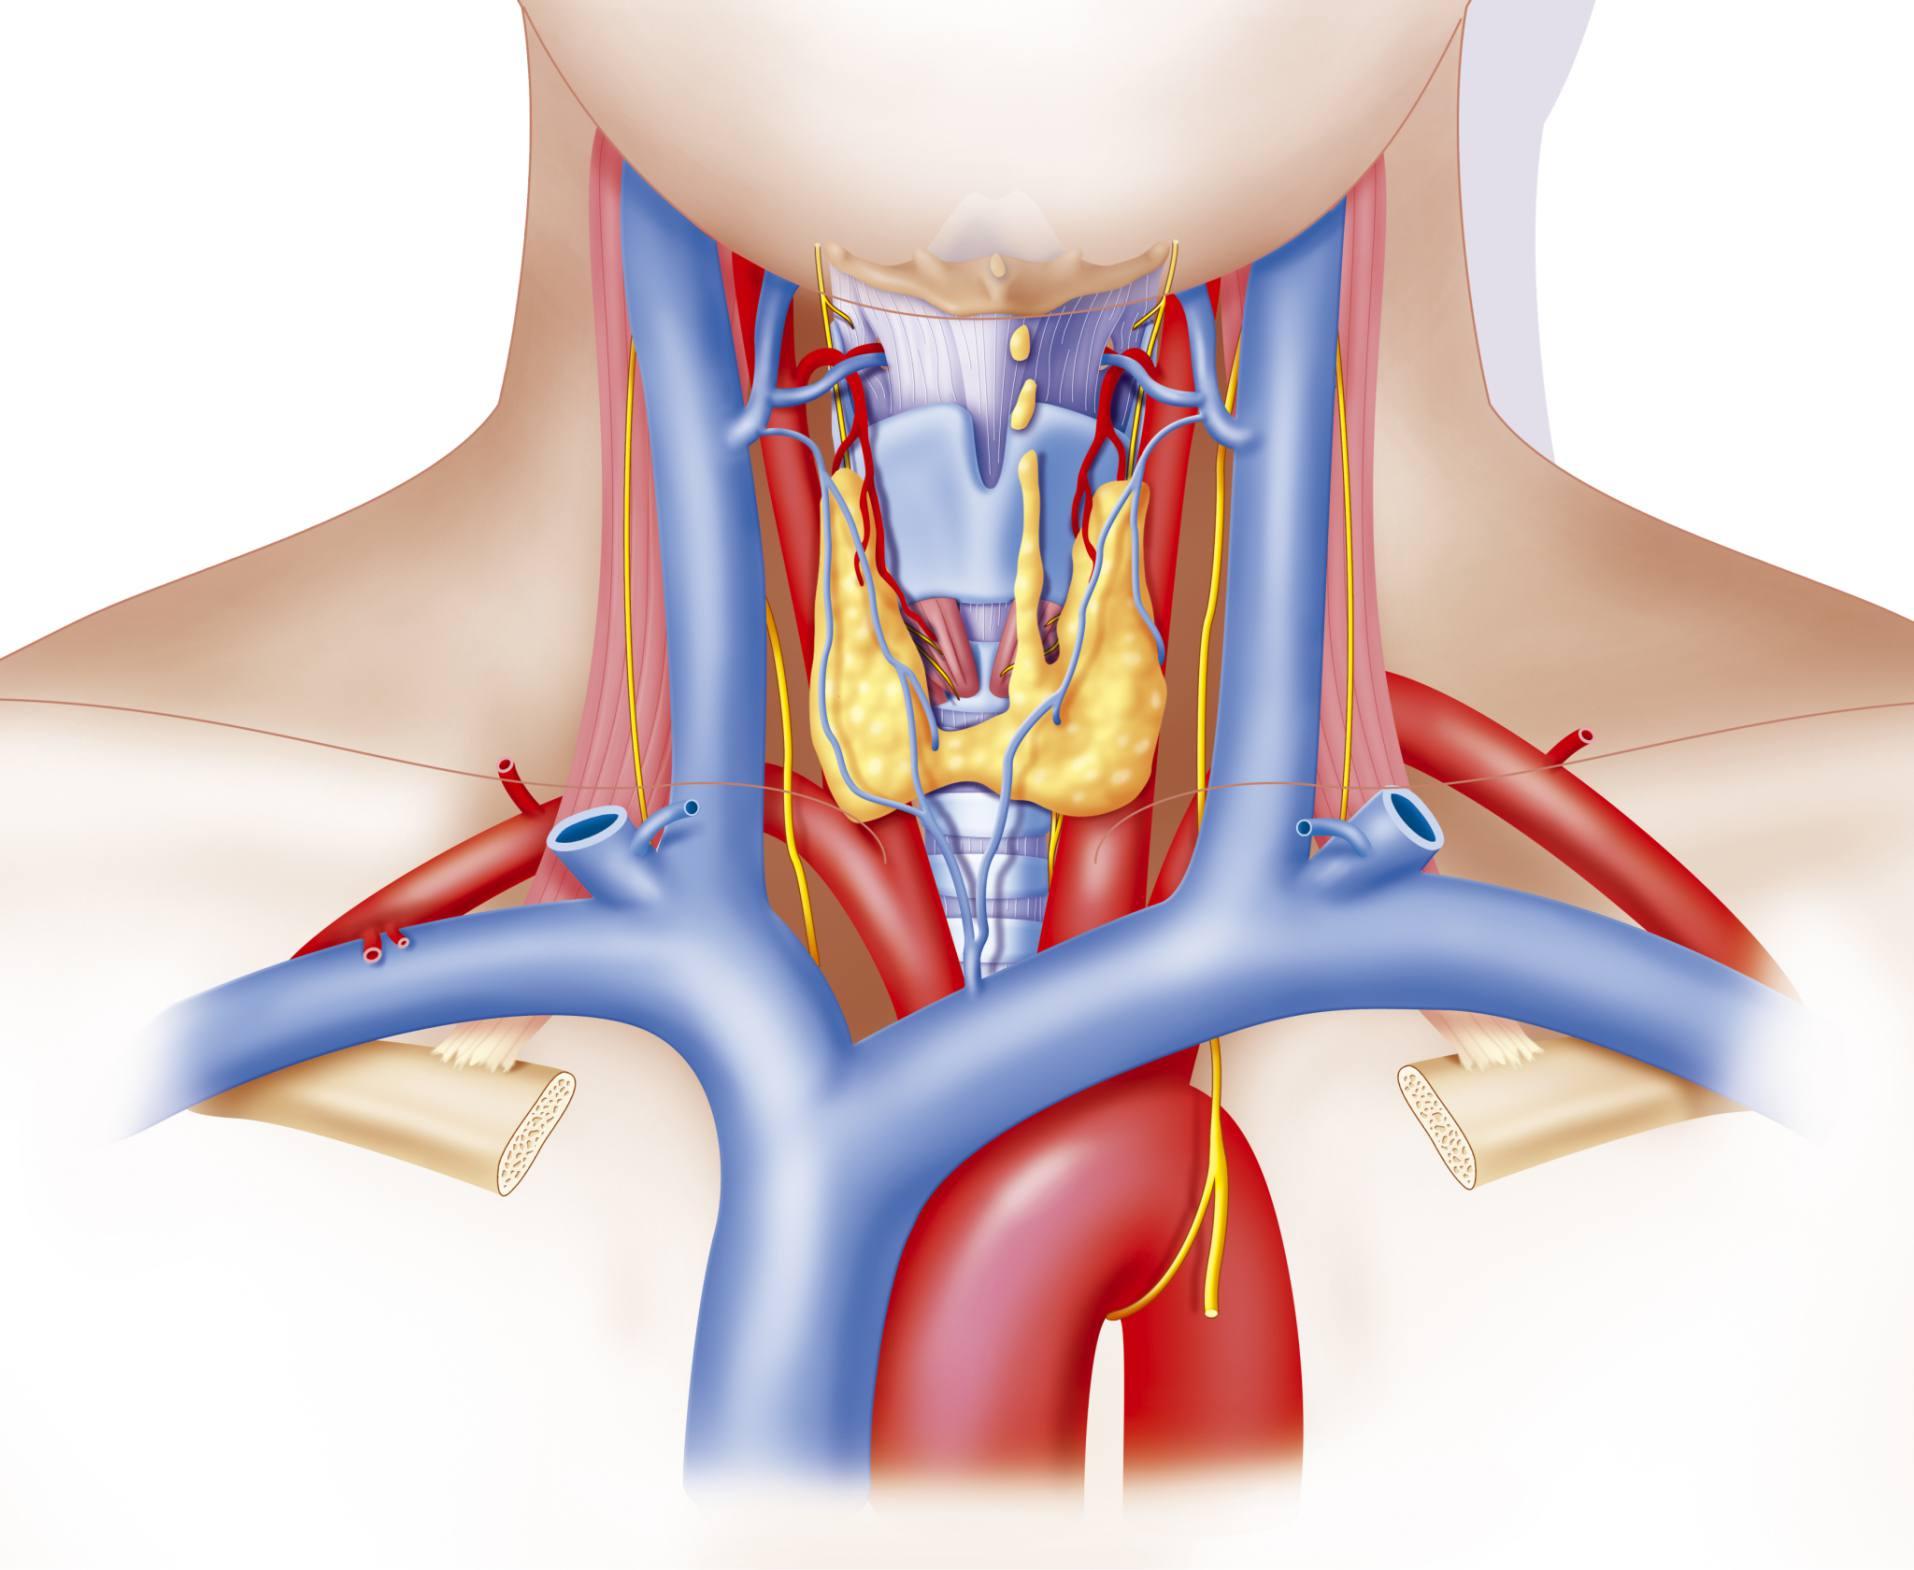 Tiroides, hipertiroidismo, hipotiroidismo y corazón